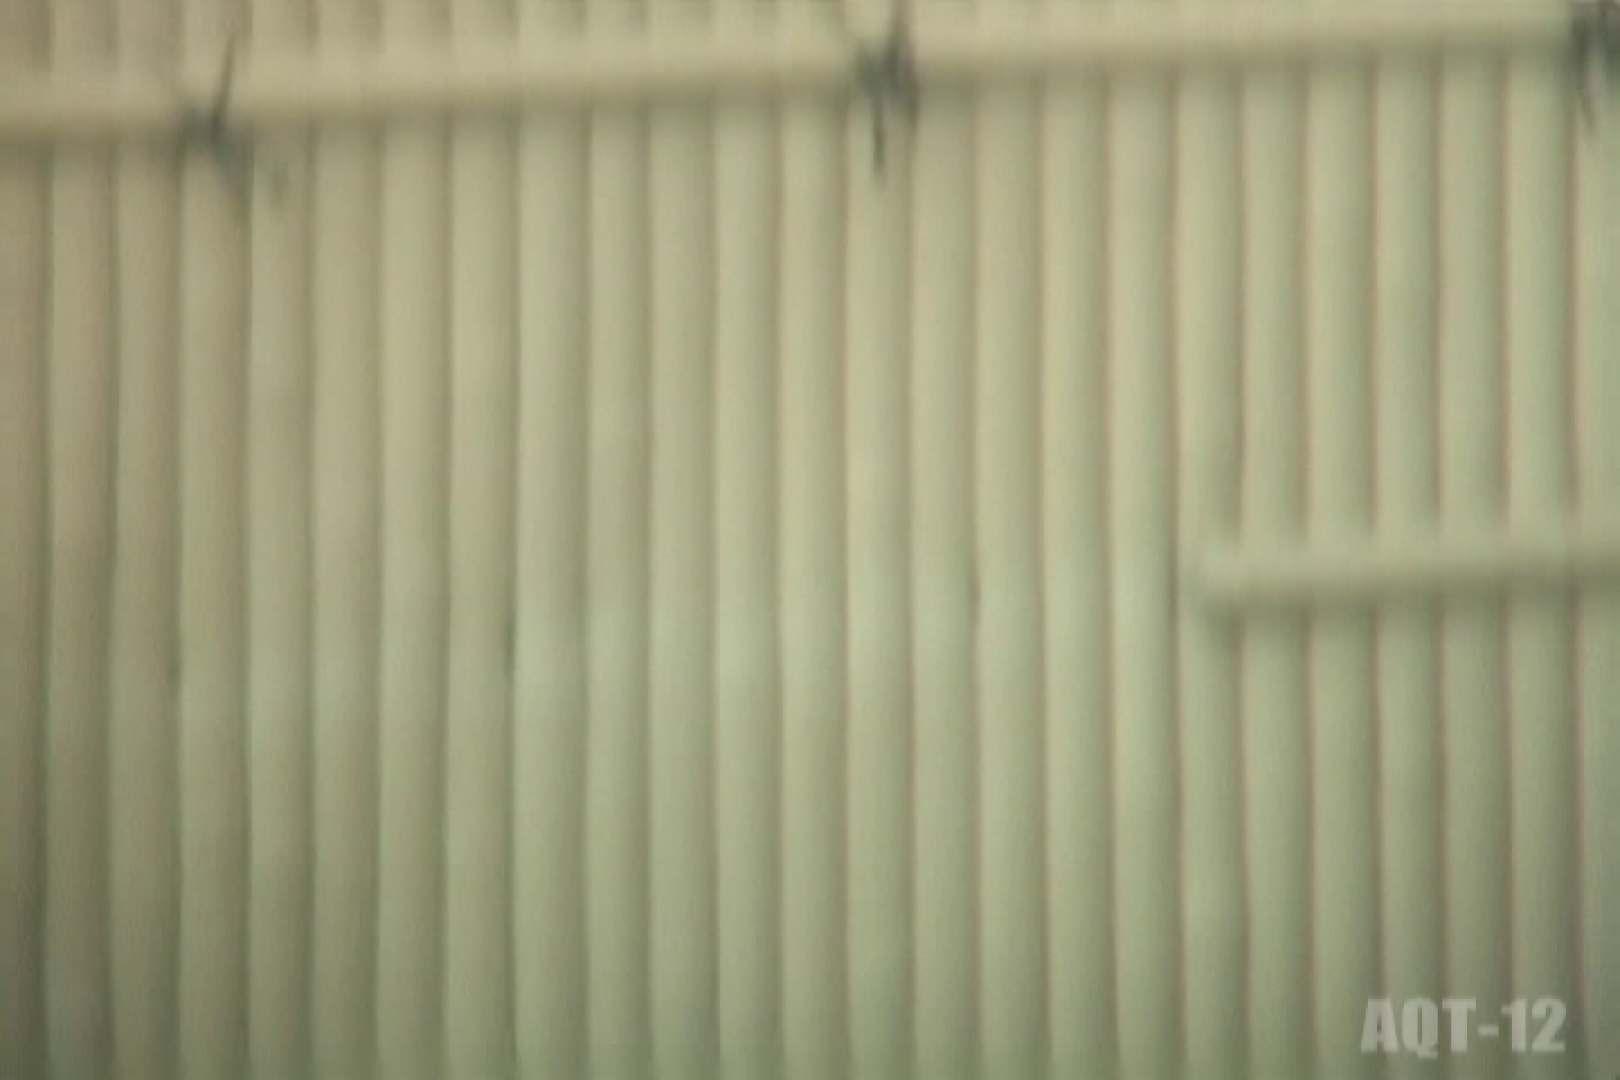 女露天風呂劇場 Vol.04 いやらしいOL ワレメ無修正動画無料 22連発 10